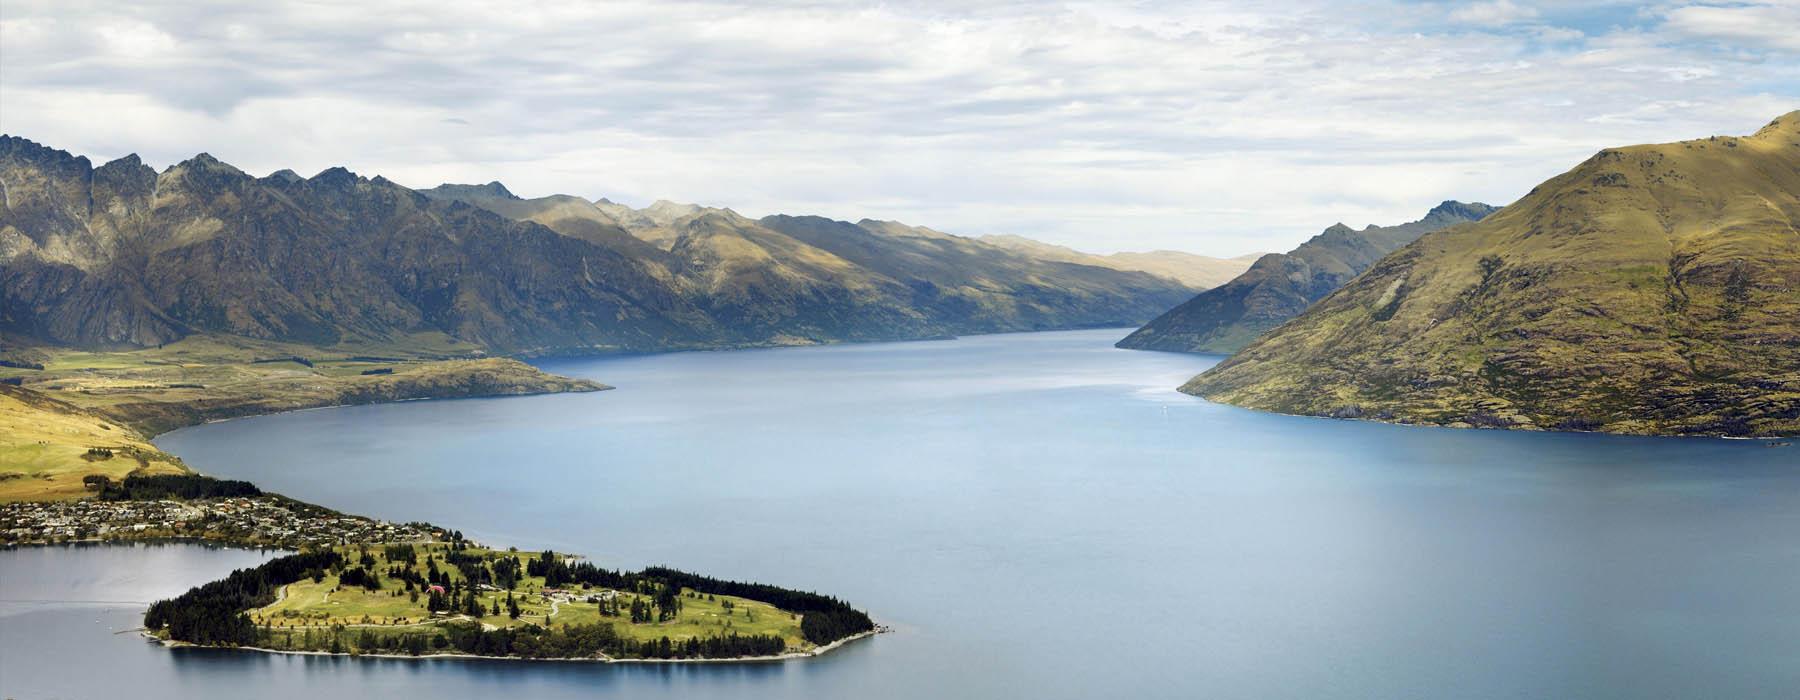 Nouvelle Zélande Photo: Voyage Nouvelle-Zélande Sur Mesure